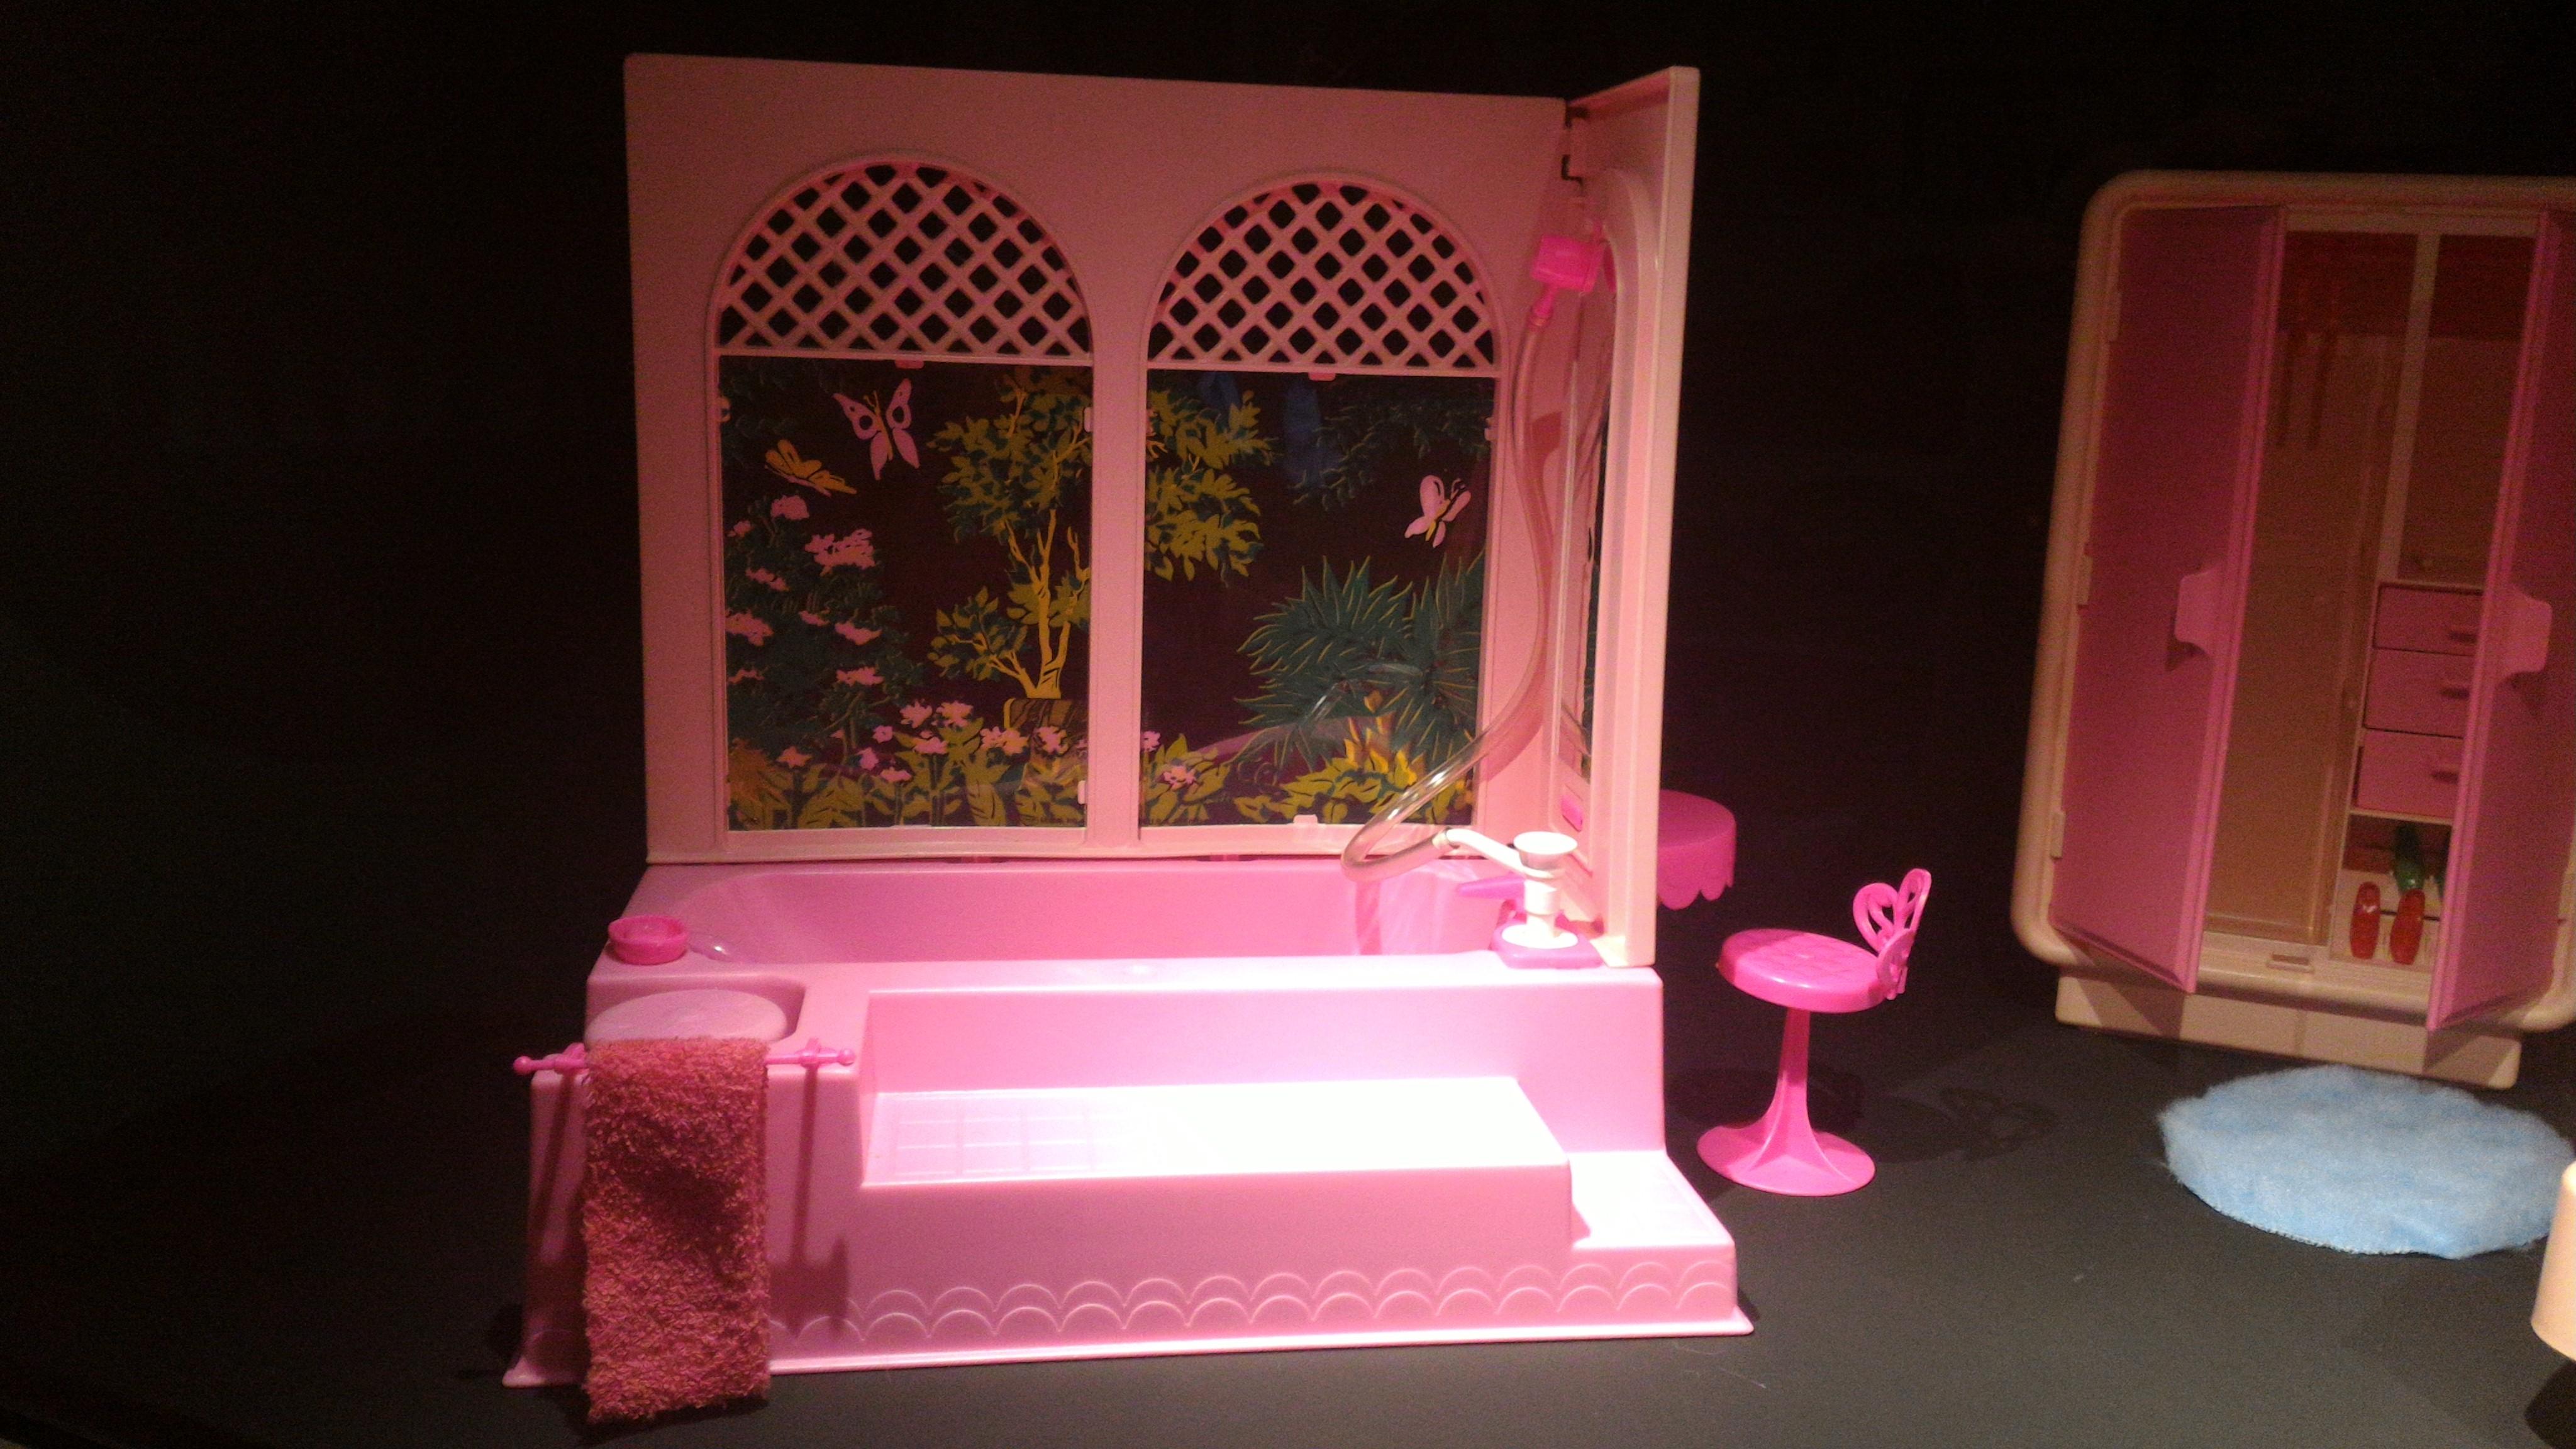 Vasca Da Bagno Barbie : La mostra di barbie barbietheicon u2013 mamma che bello